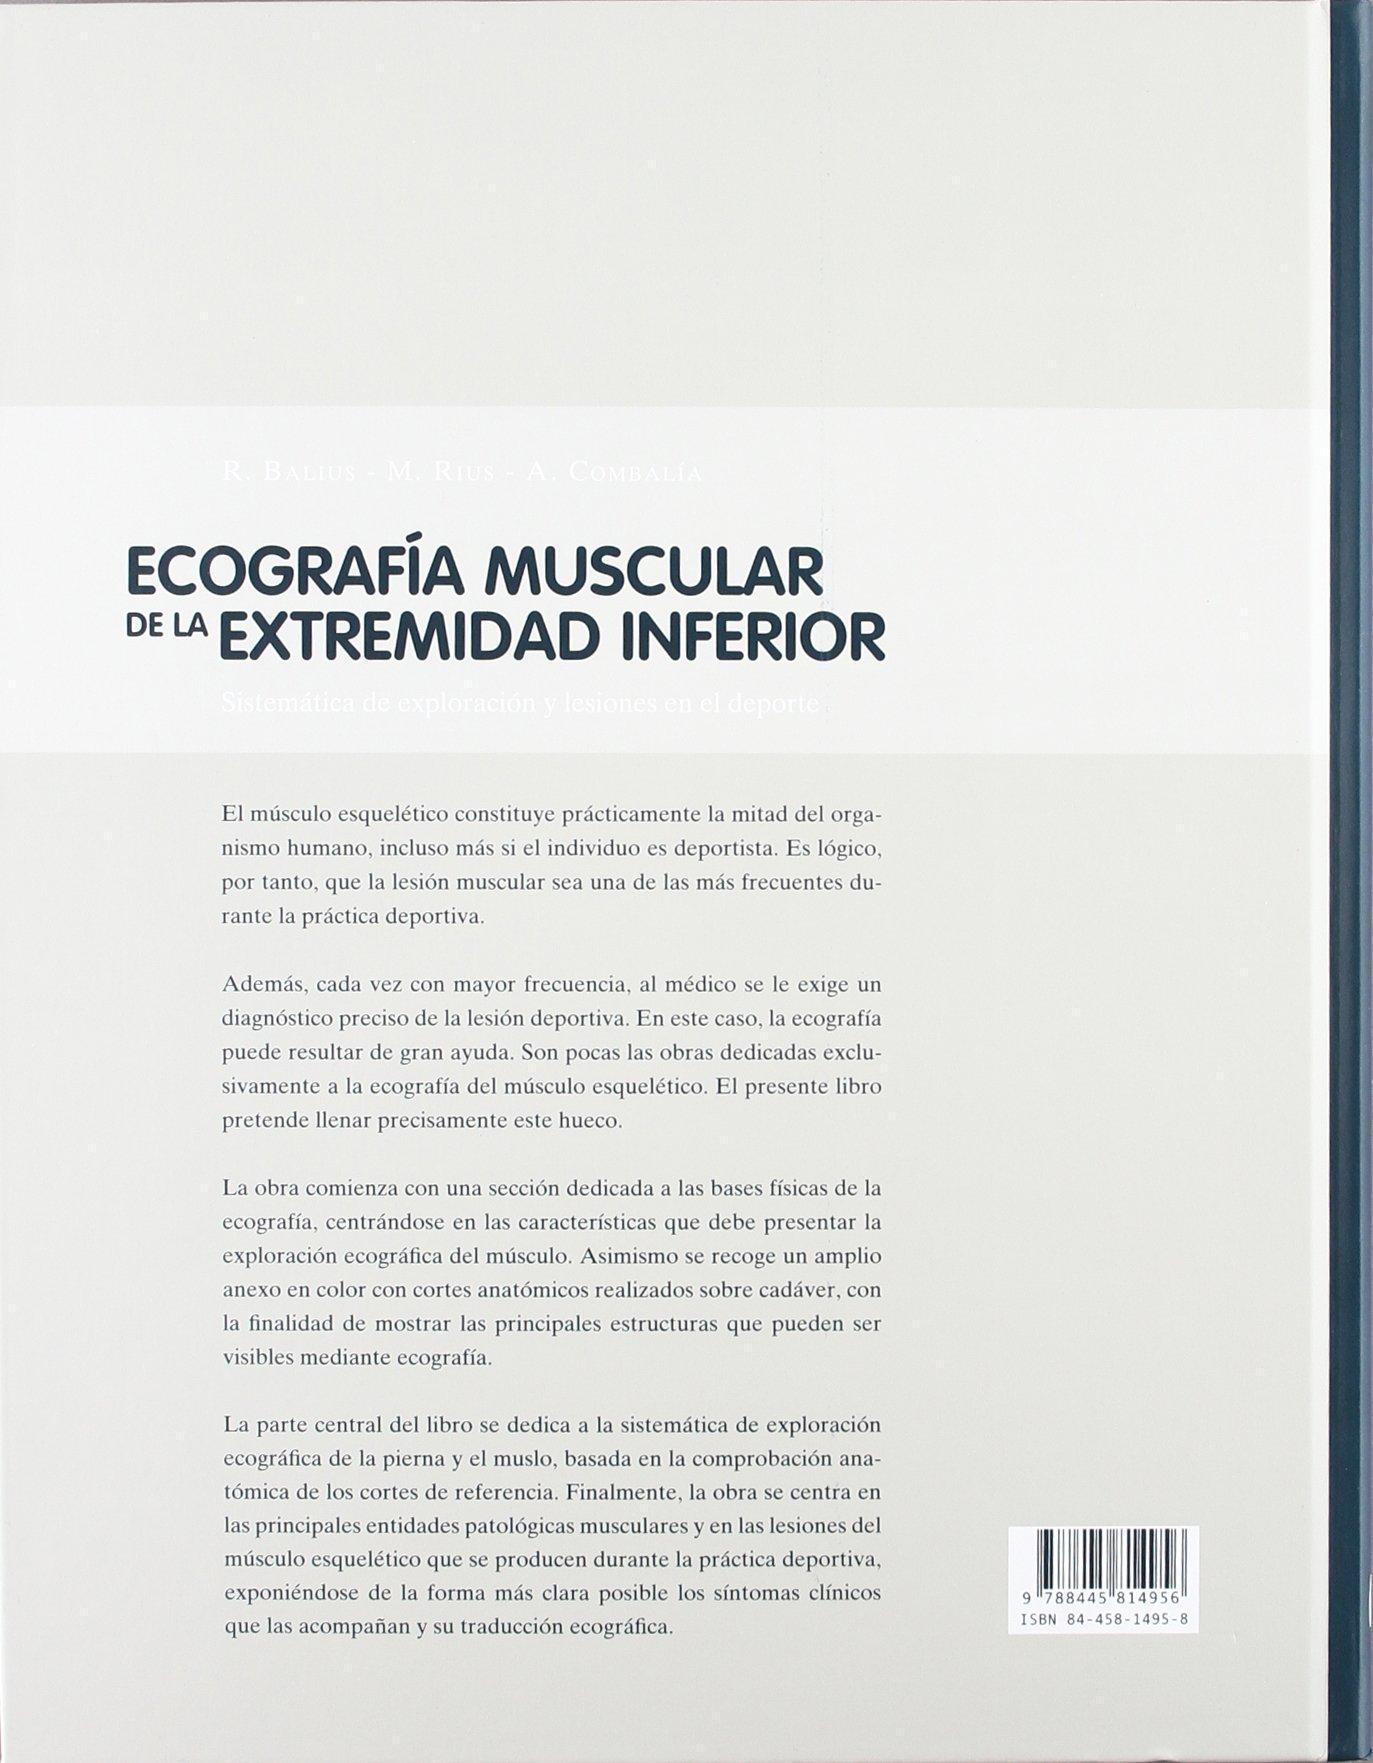 Ecografía muscular de la extremidad inferior: Amazon.es: R. Balius ...